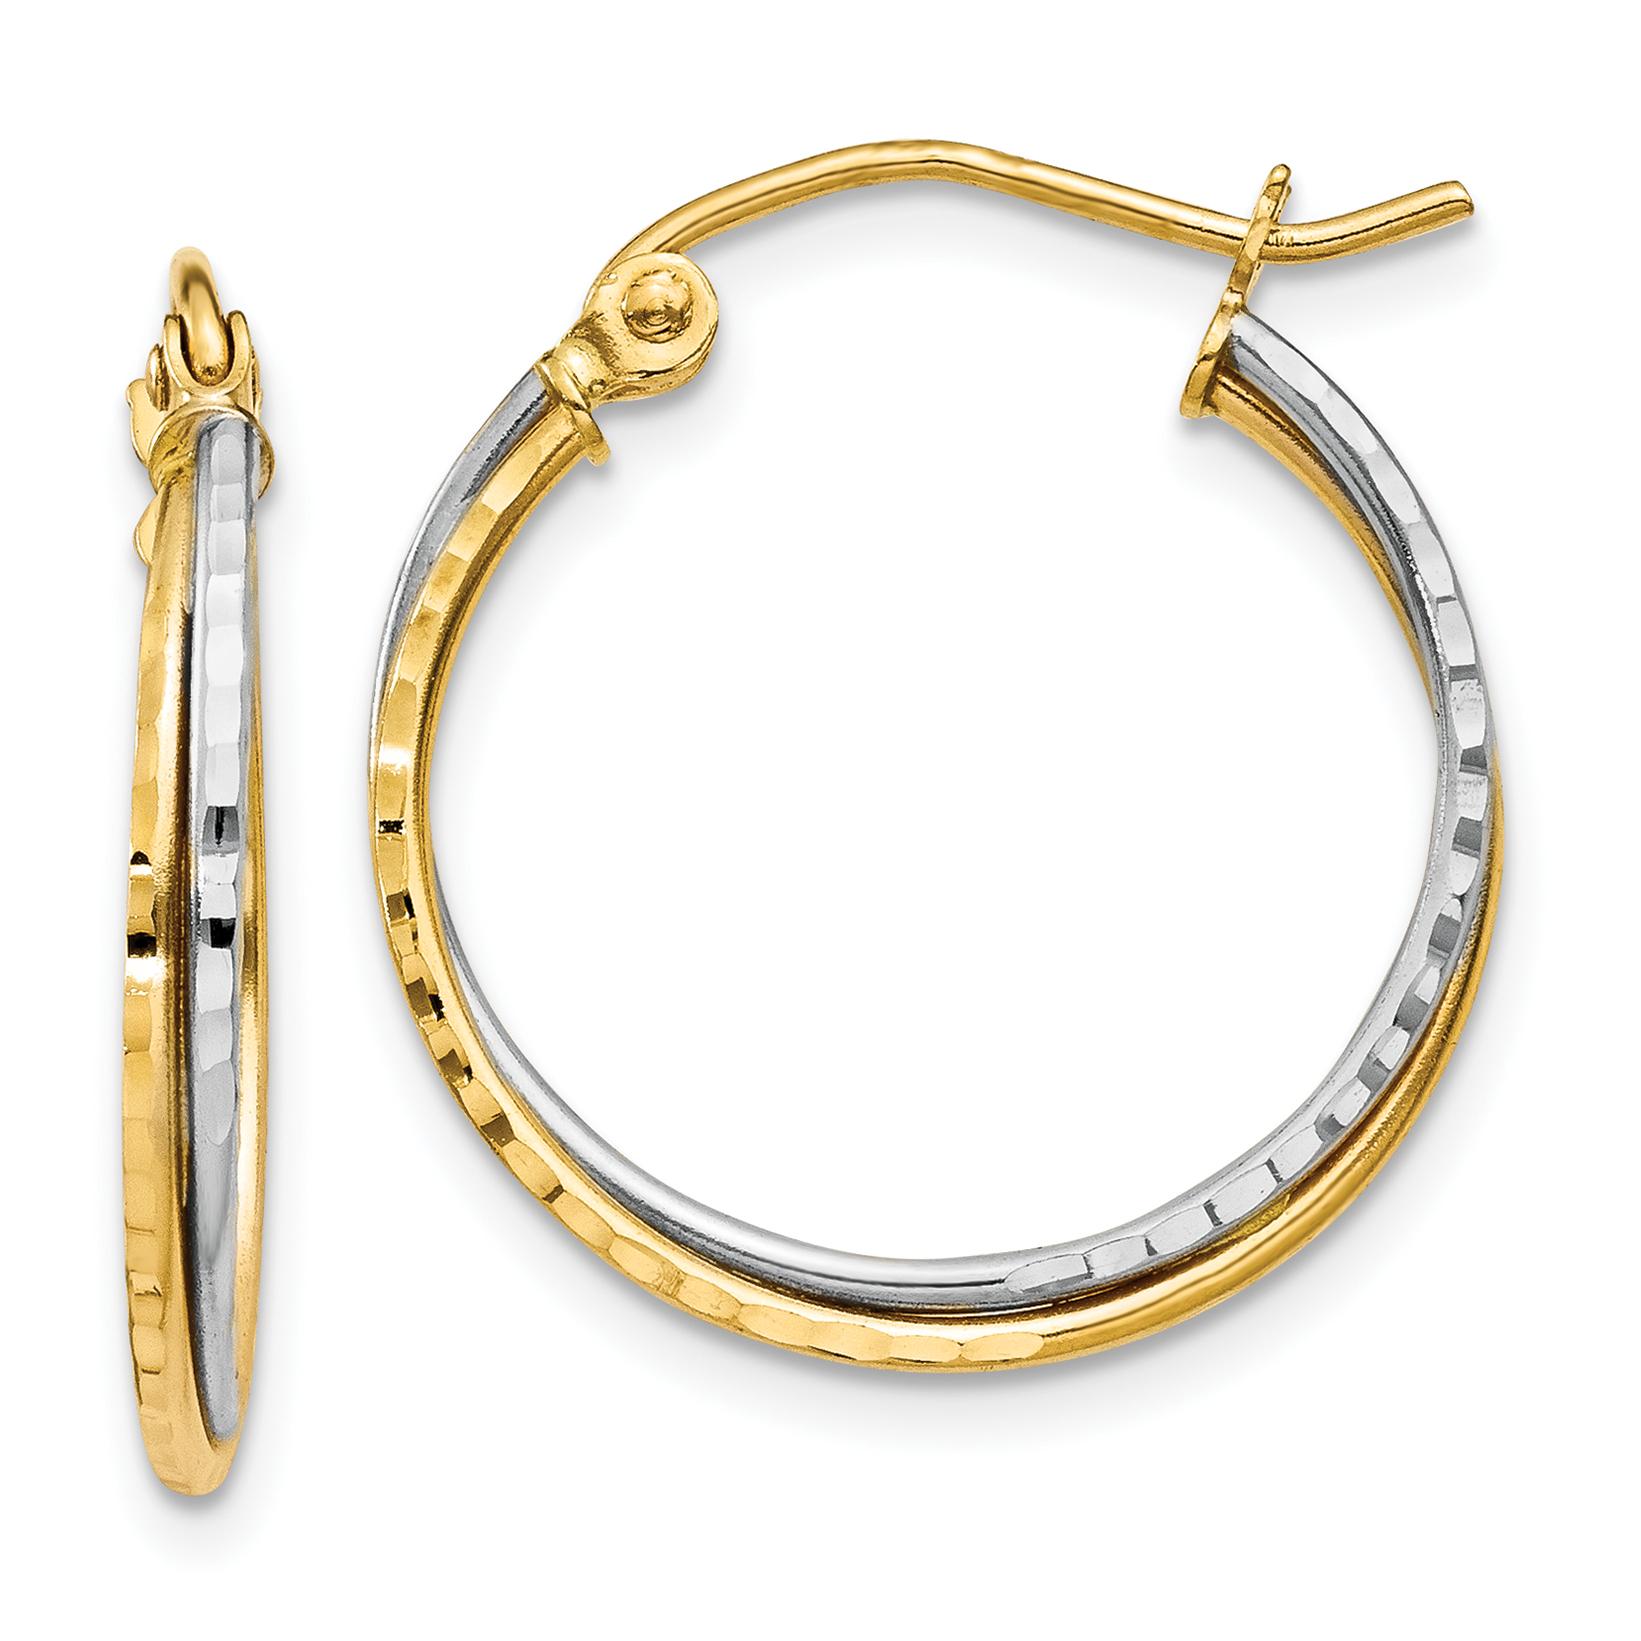 Quality Gold TL678 Boucles d'oreilles tordues - diamants en or jaune et blanc 14K, 19 x 20 mm, paire - image 2 de 2